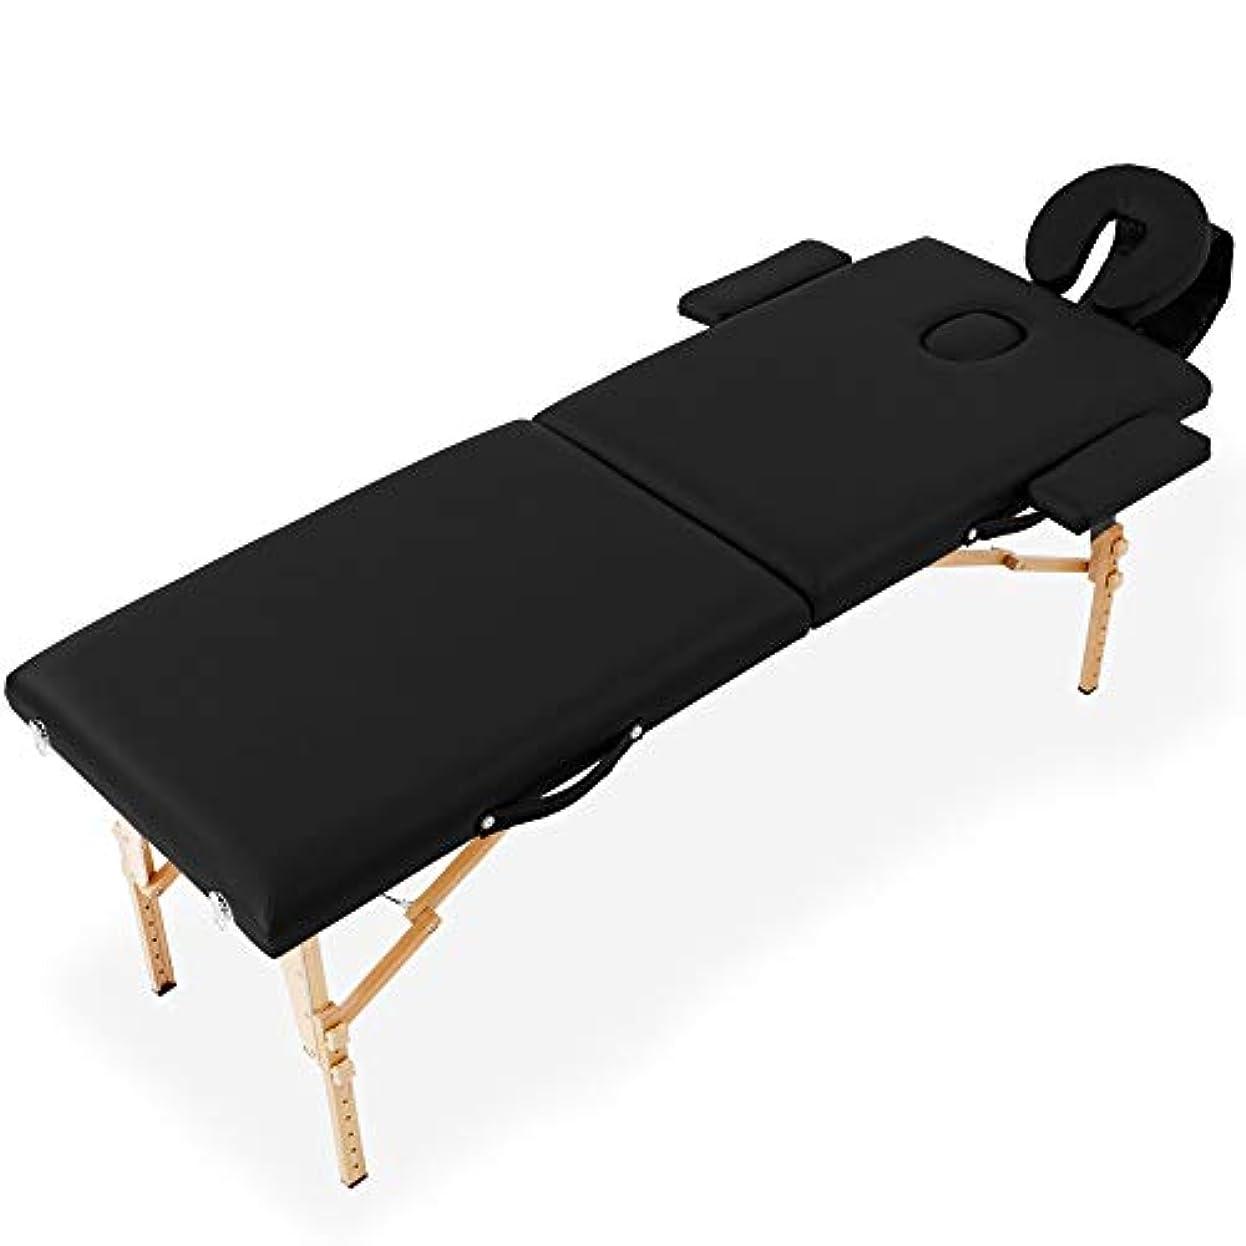 作物垂直現実的LOWYA マッサージベッド マッサージ台 軽量 折りたたみ コンパクト キャリーバック ブラック